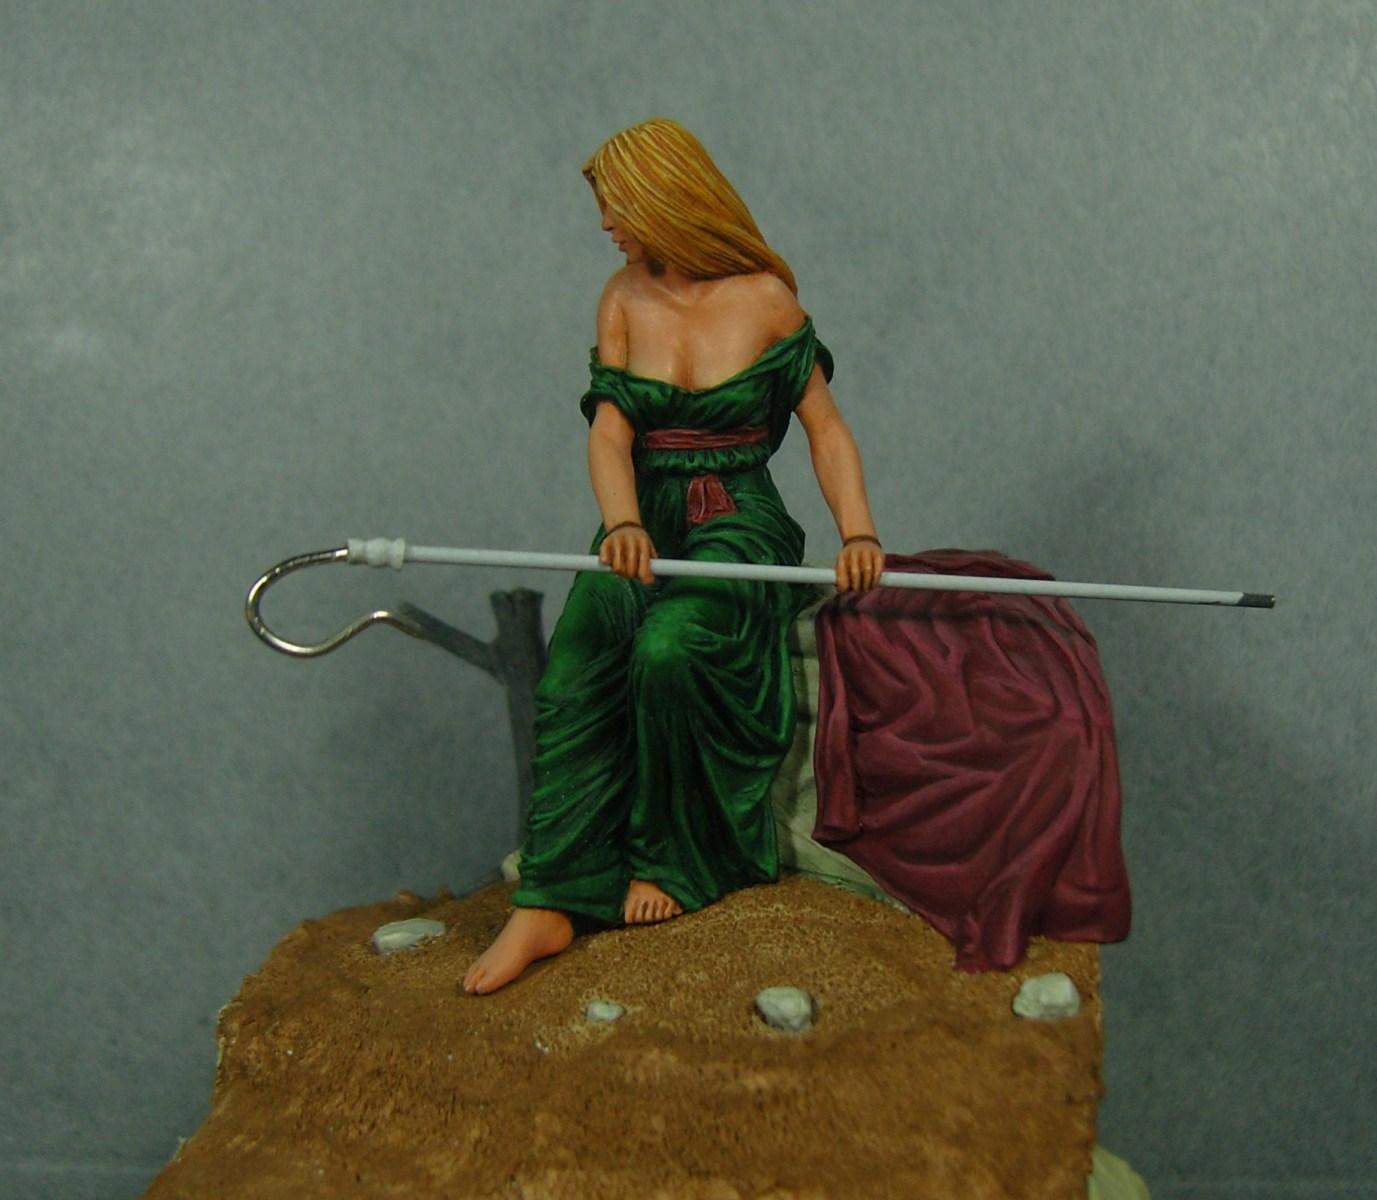 déesse grecque (Historic Art) - Page 2 120110054932699799283900